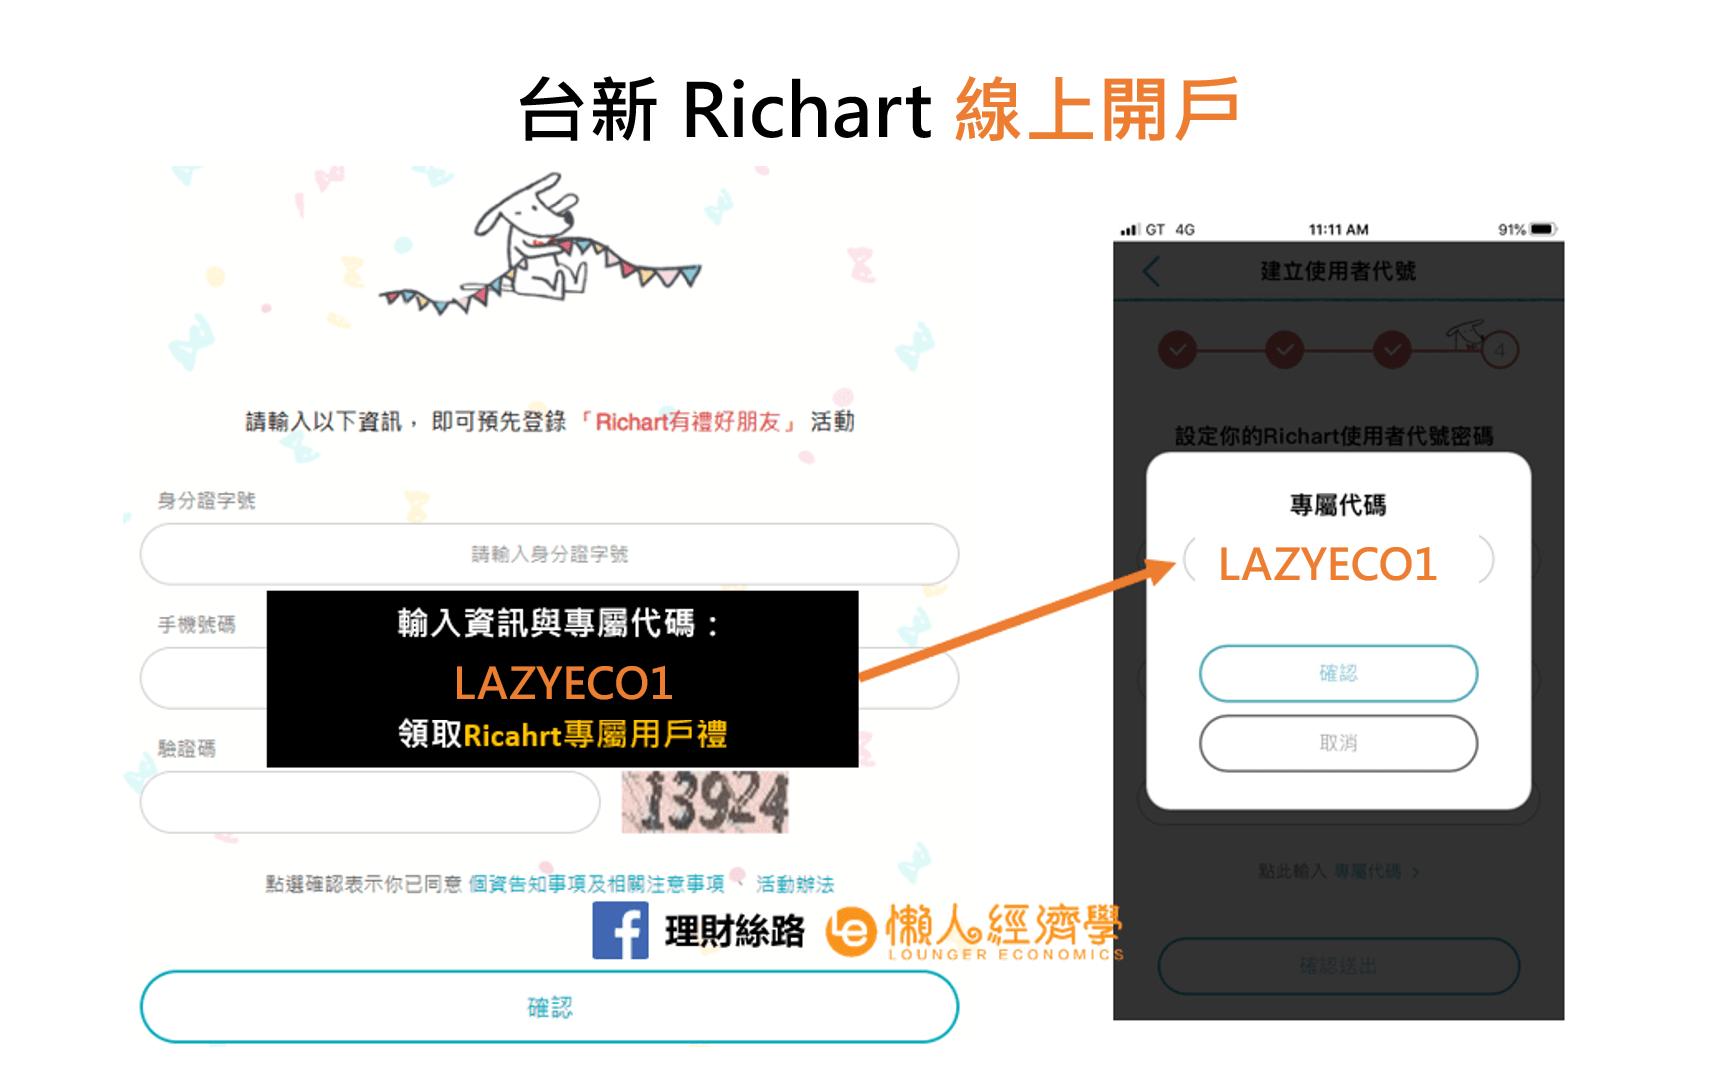 台新Richart好友登錄活動